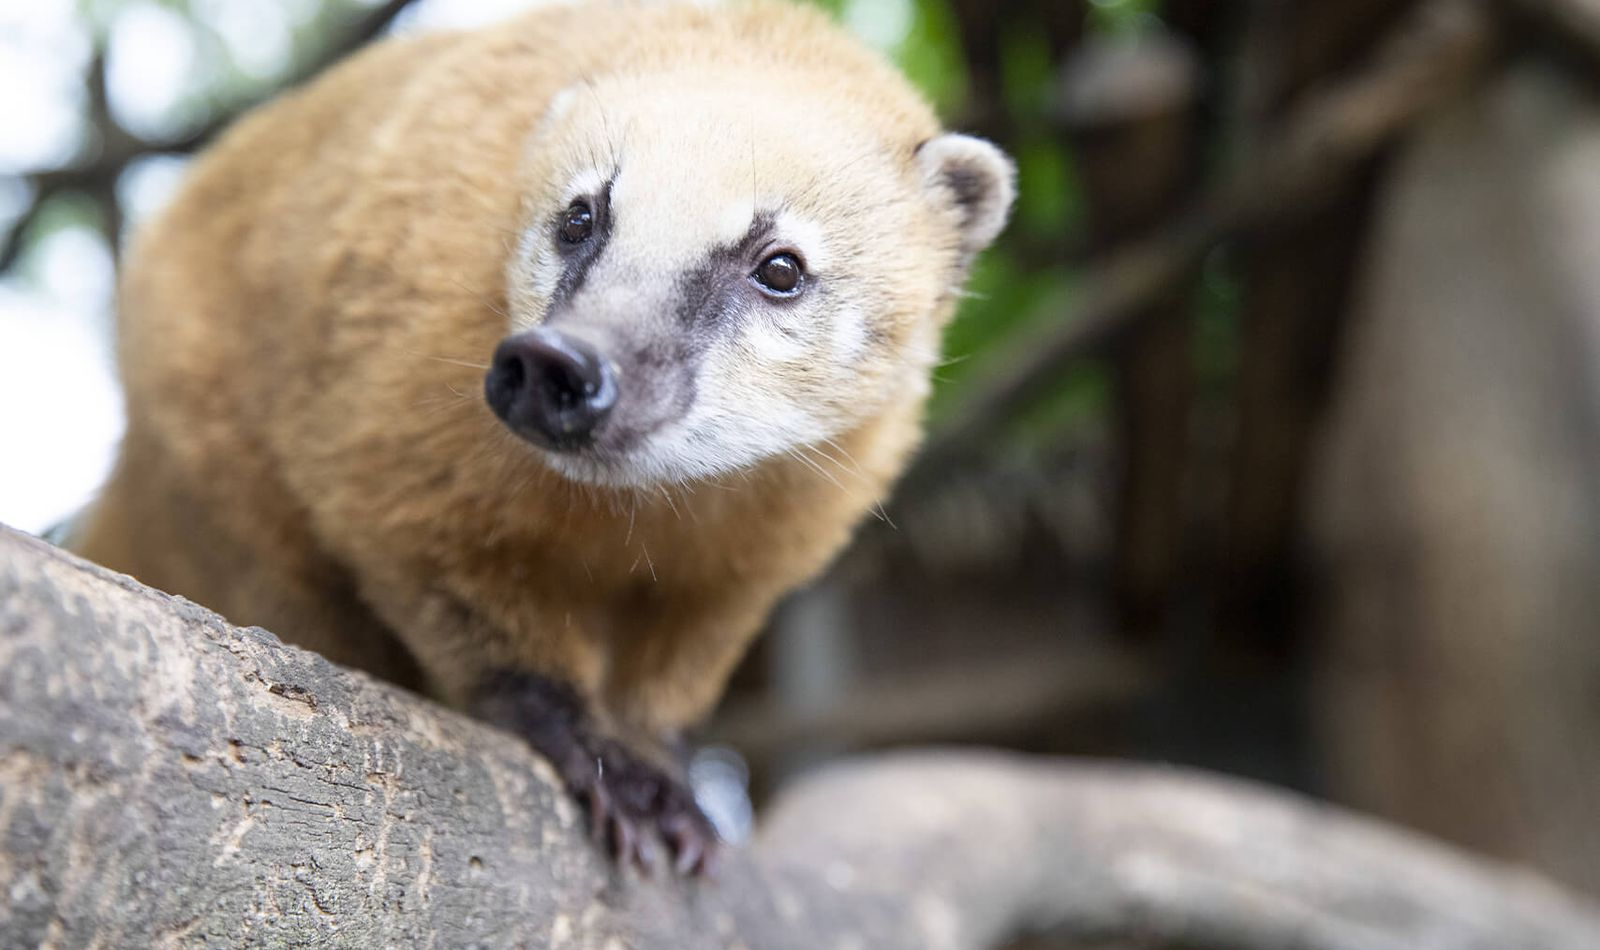 La protection des animaux, un enjeu majeur pour Beauval - Coati roux - ZooParc de Beauval